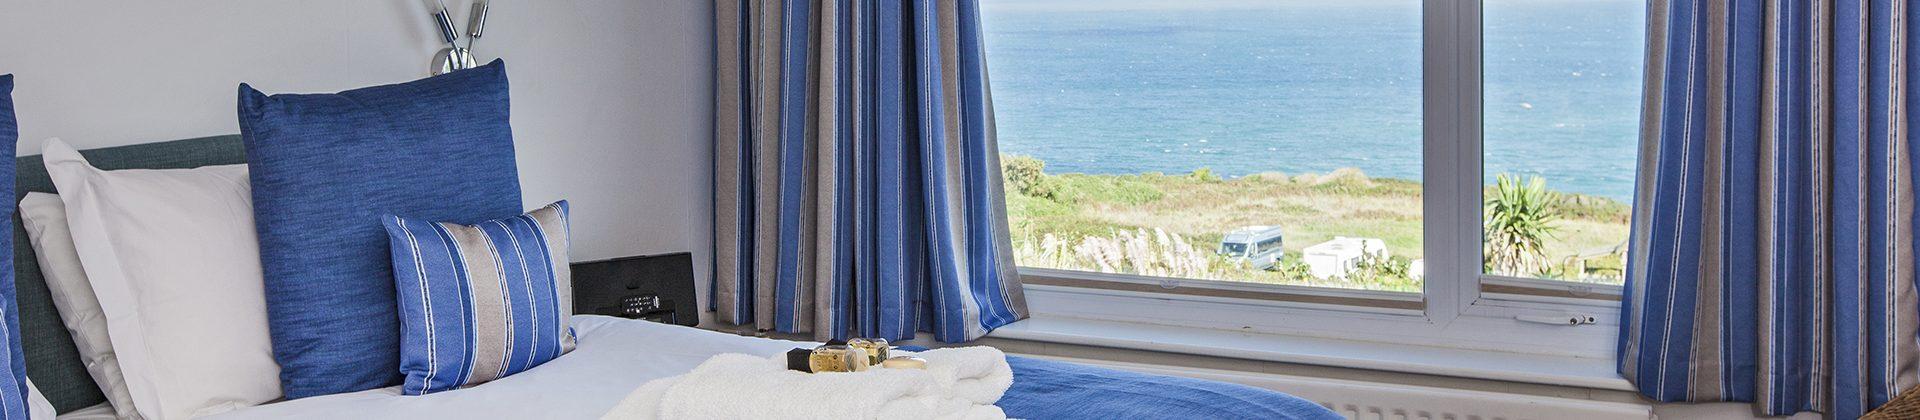 The Garrack Hotel - Bedroom